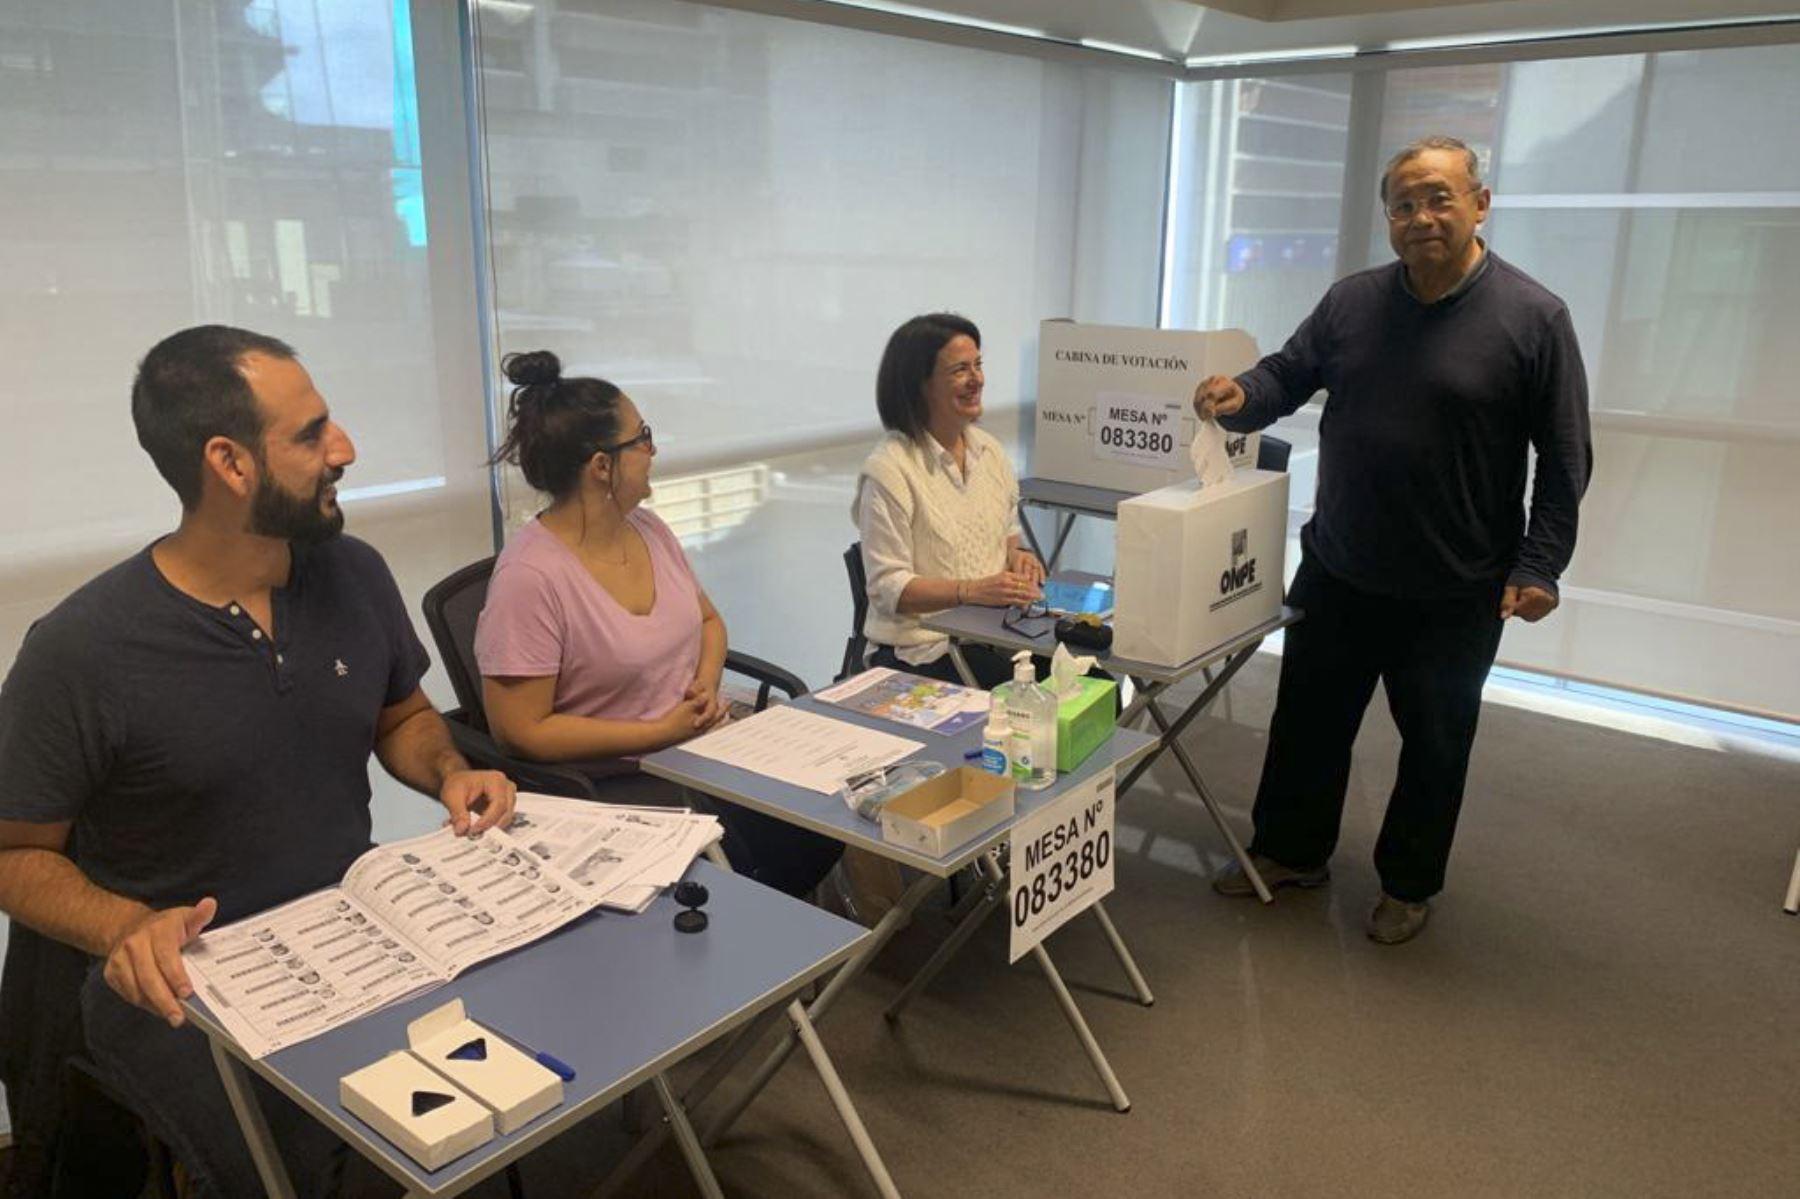 Se da inicio a las Elecciones 2021 en el exterior con la participación de nuestros connacionales en Wellington y Auckland, Nueva Zelanda. Foto: ANDINA/Cancilleria